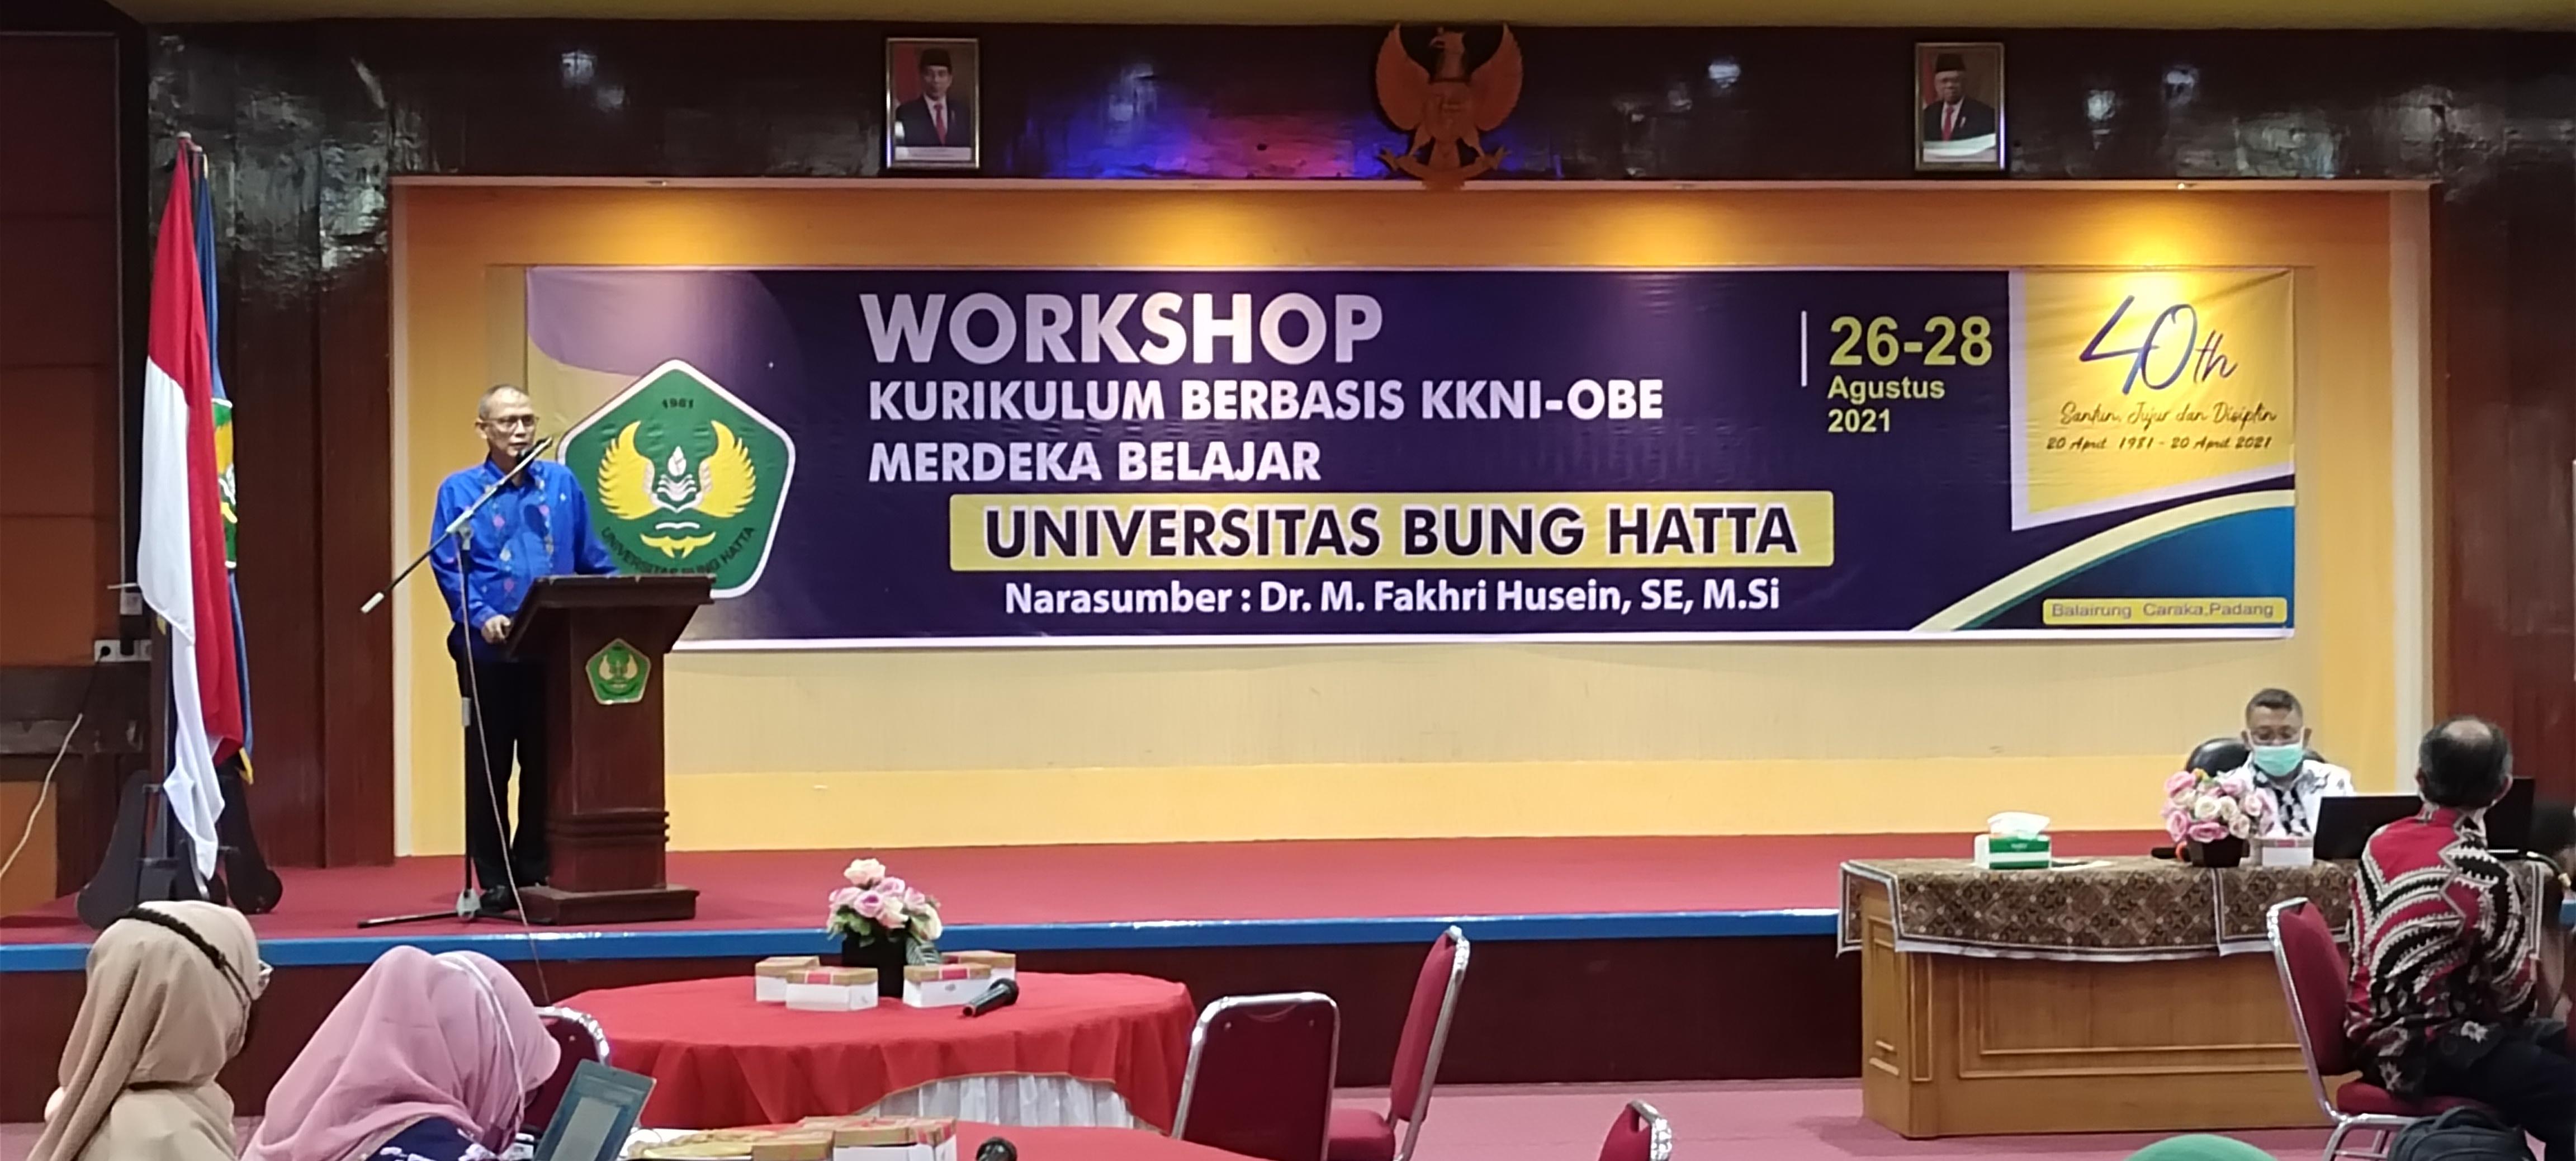 Universitas Bung Hatta Menggelar Workshop Kurikulum Berbasis KKNI-OBE Merdeka Belajar